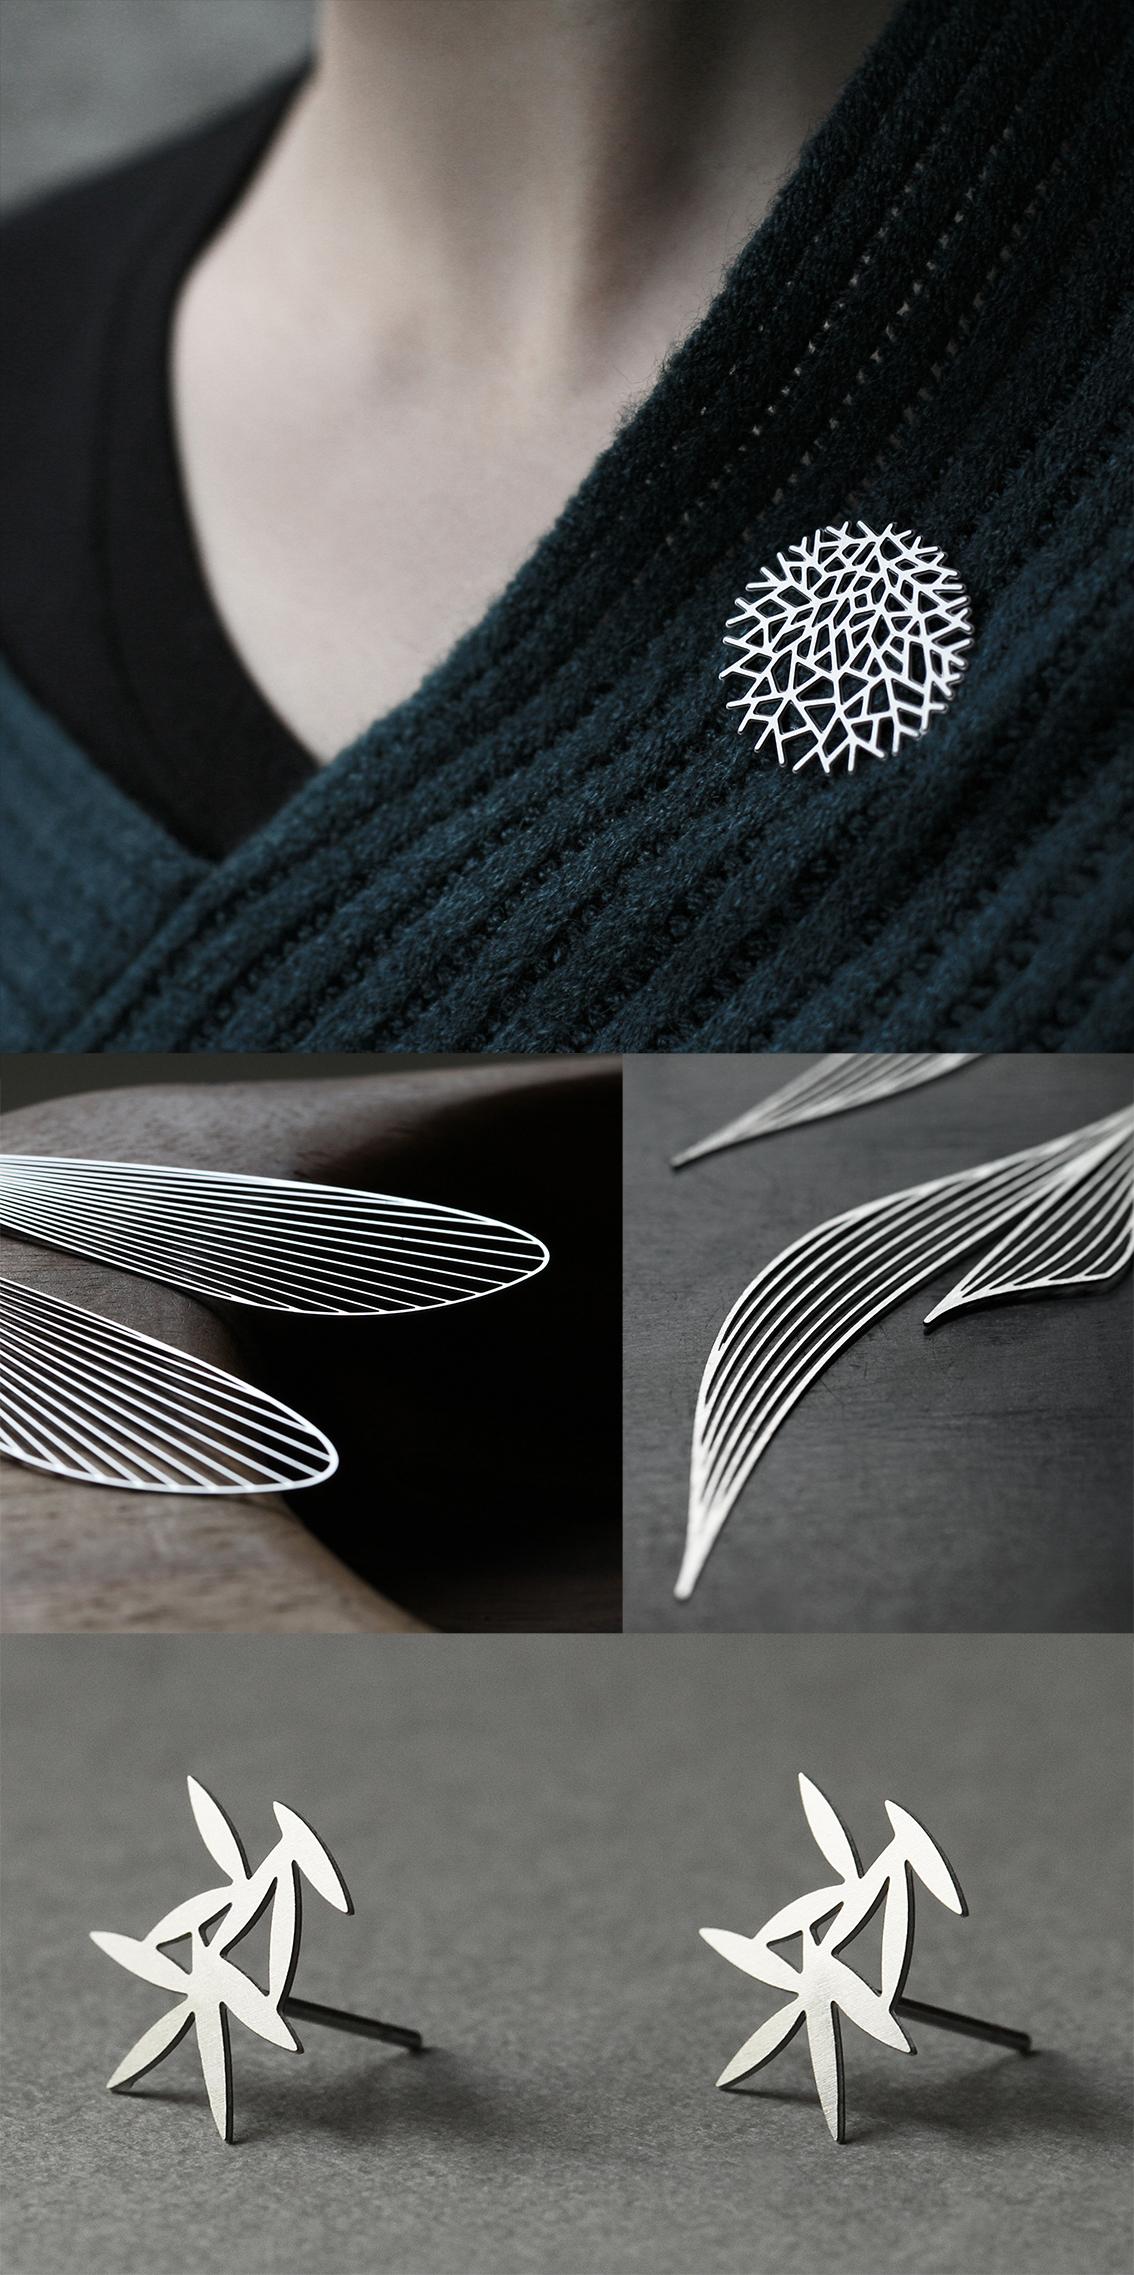 策展人:它价格亲民,却不失美感,同时又具有一流的品质。 - 这些可穿戴配件由激光切割的不锈钢制成,简约、稳重的线条衬托出其自然的本色,又不会显得过于奢华。